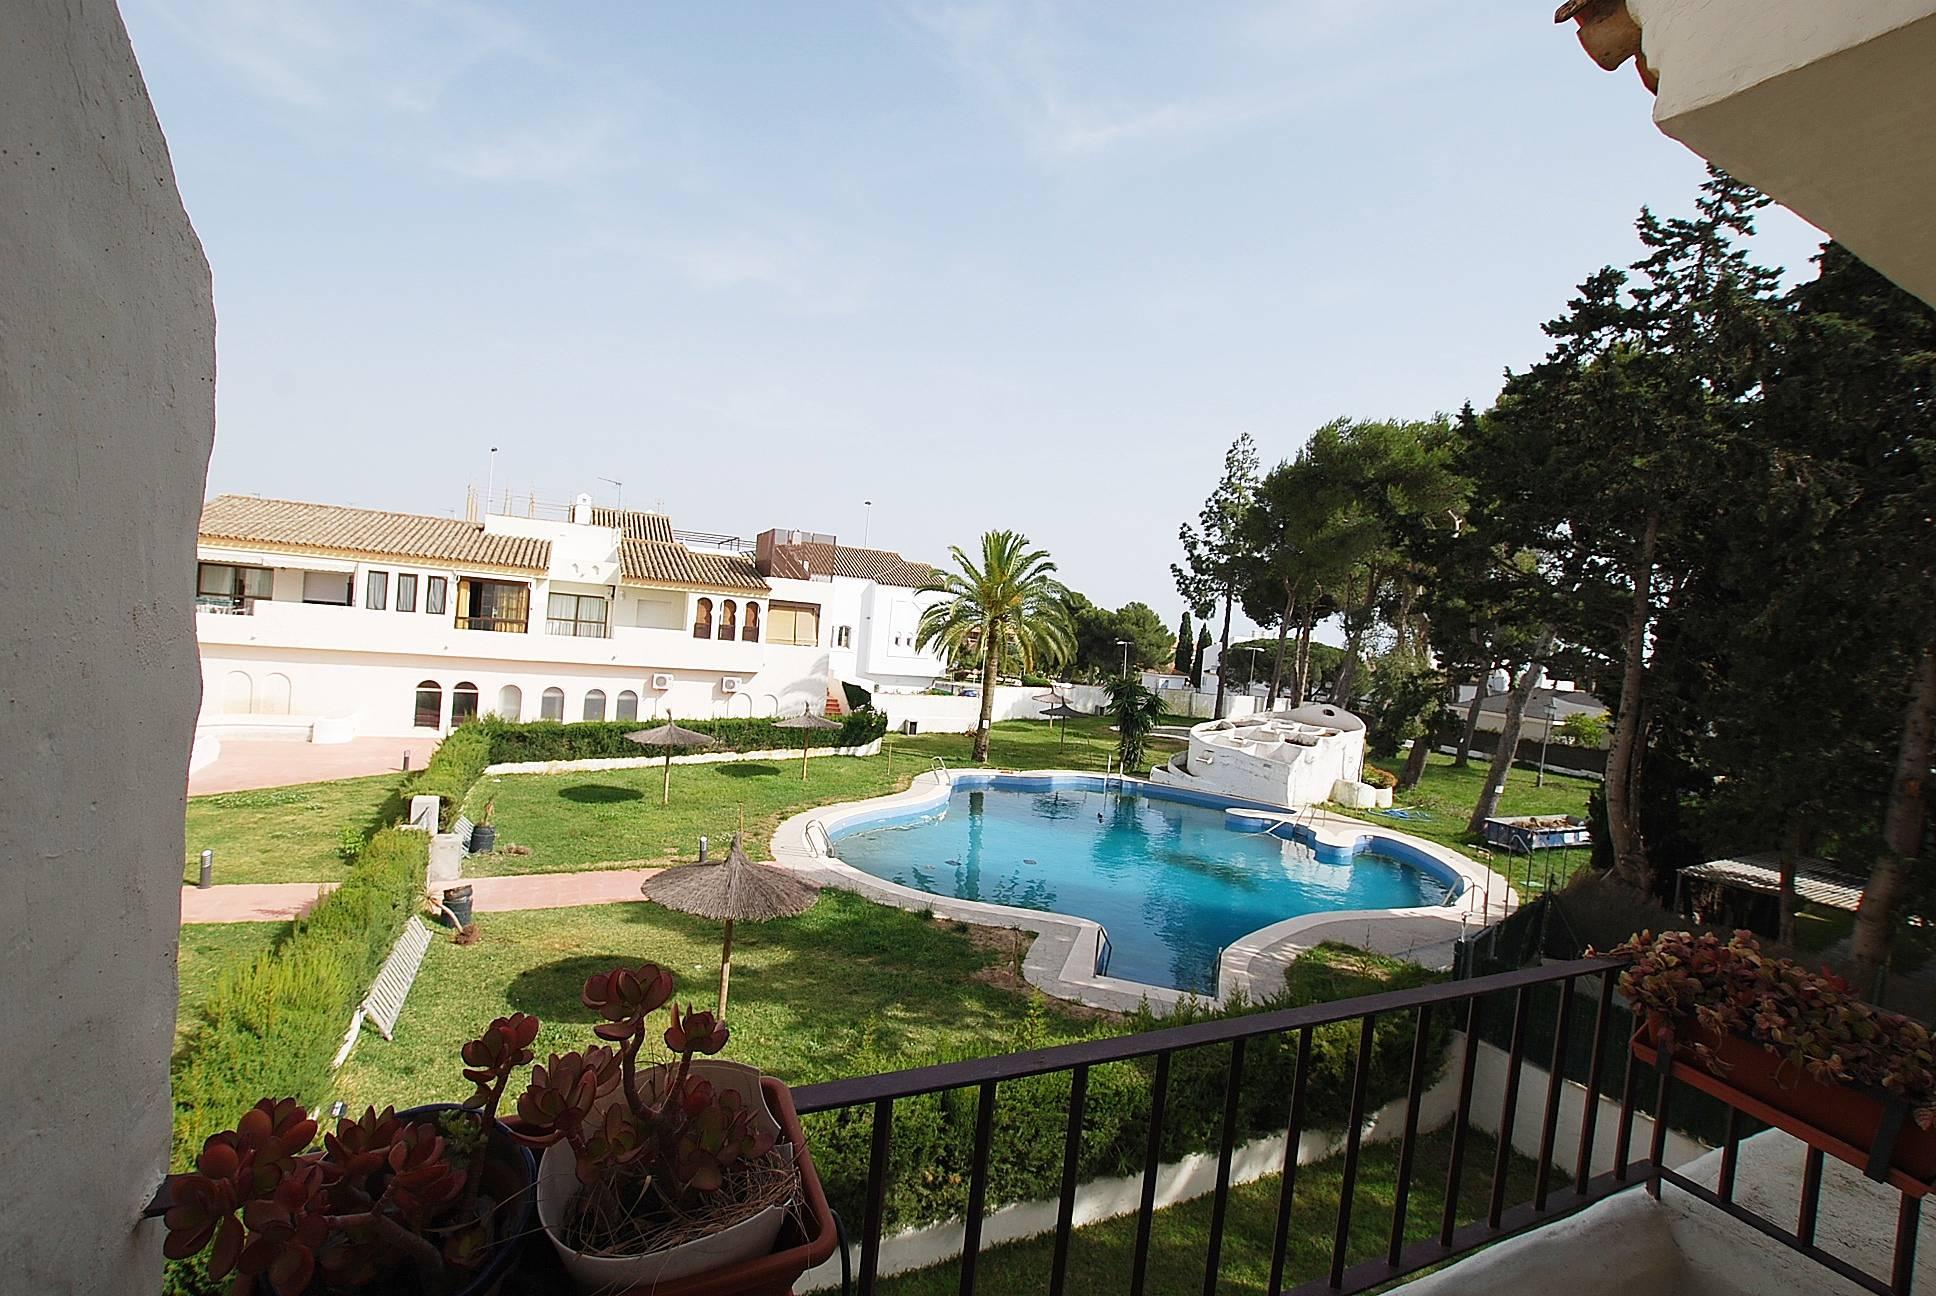 Apartamento con terraza y piscina vistahermosa el for Piscina municipal el puerto de santa maria